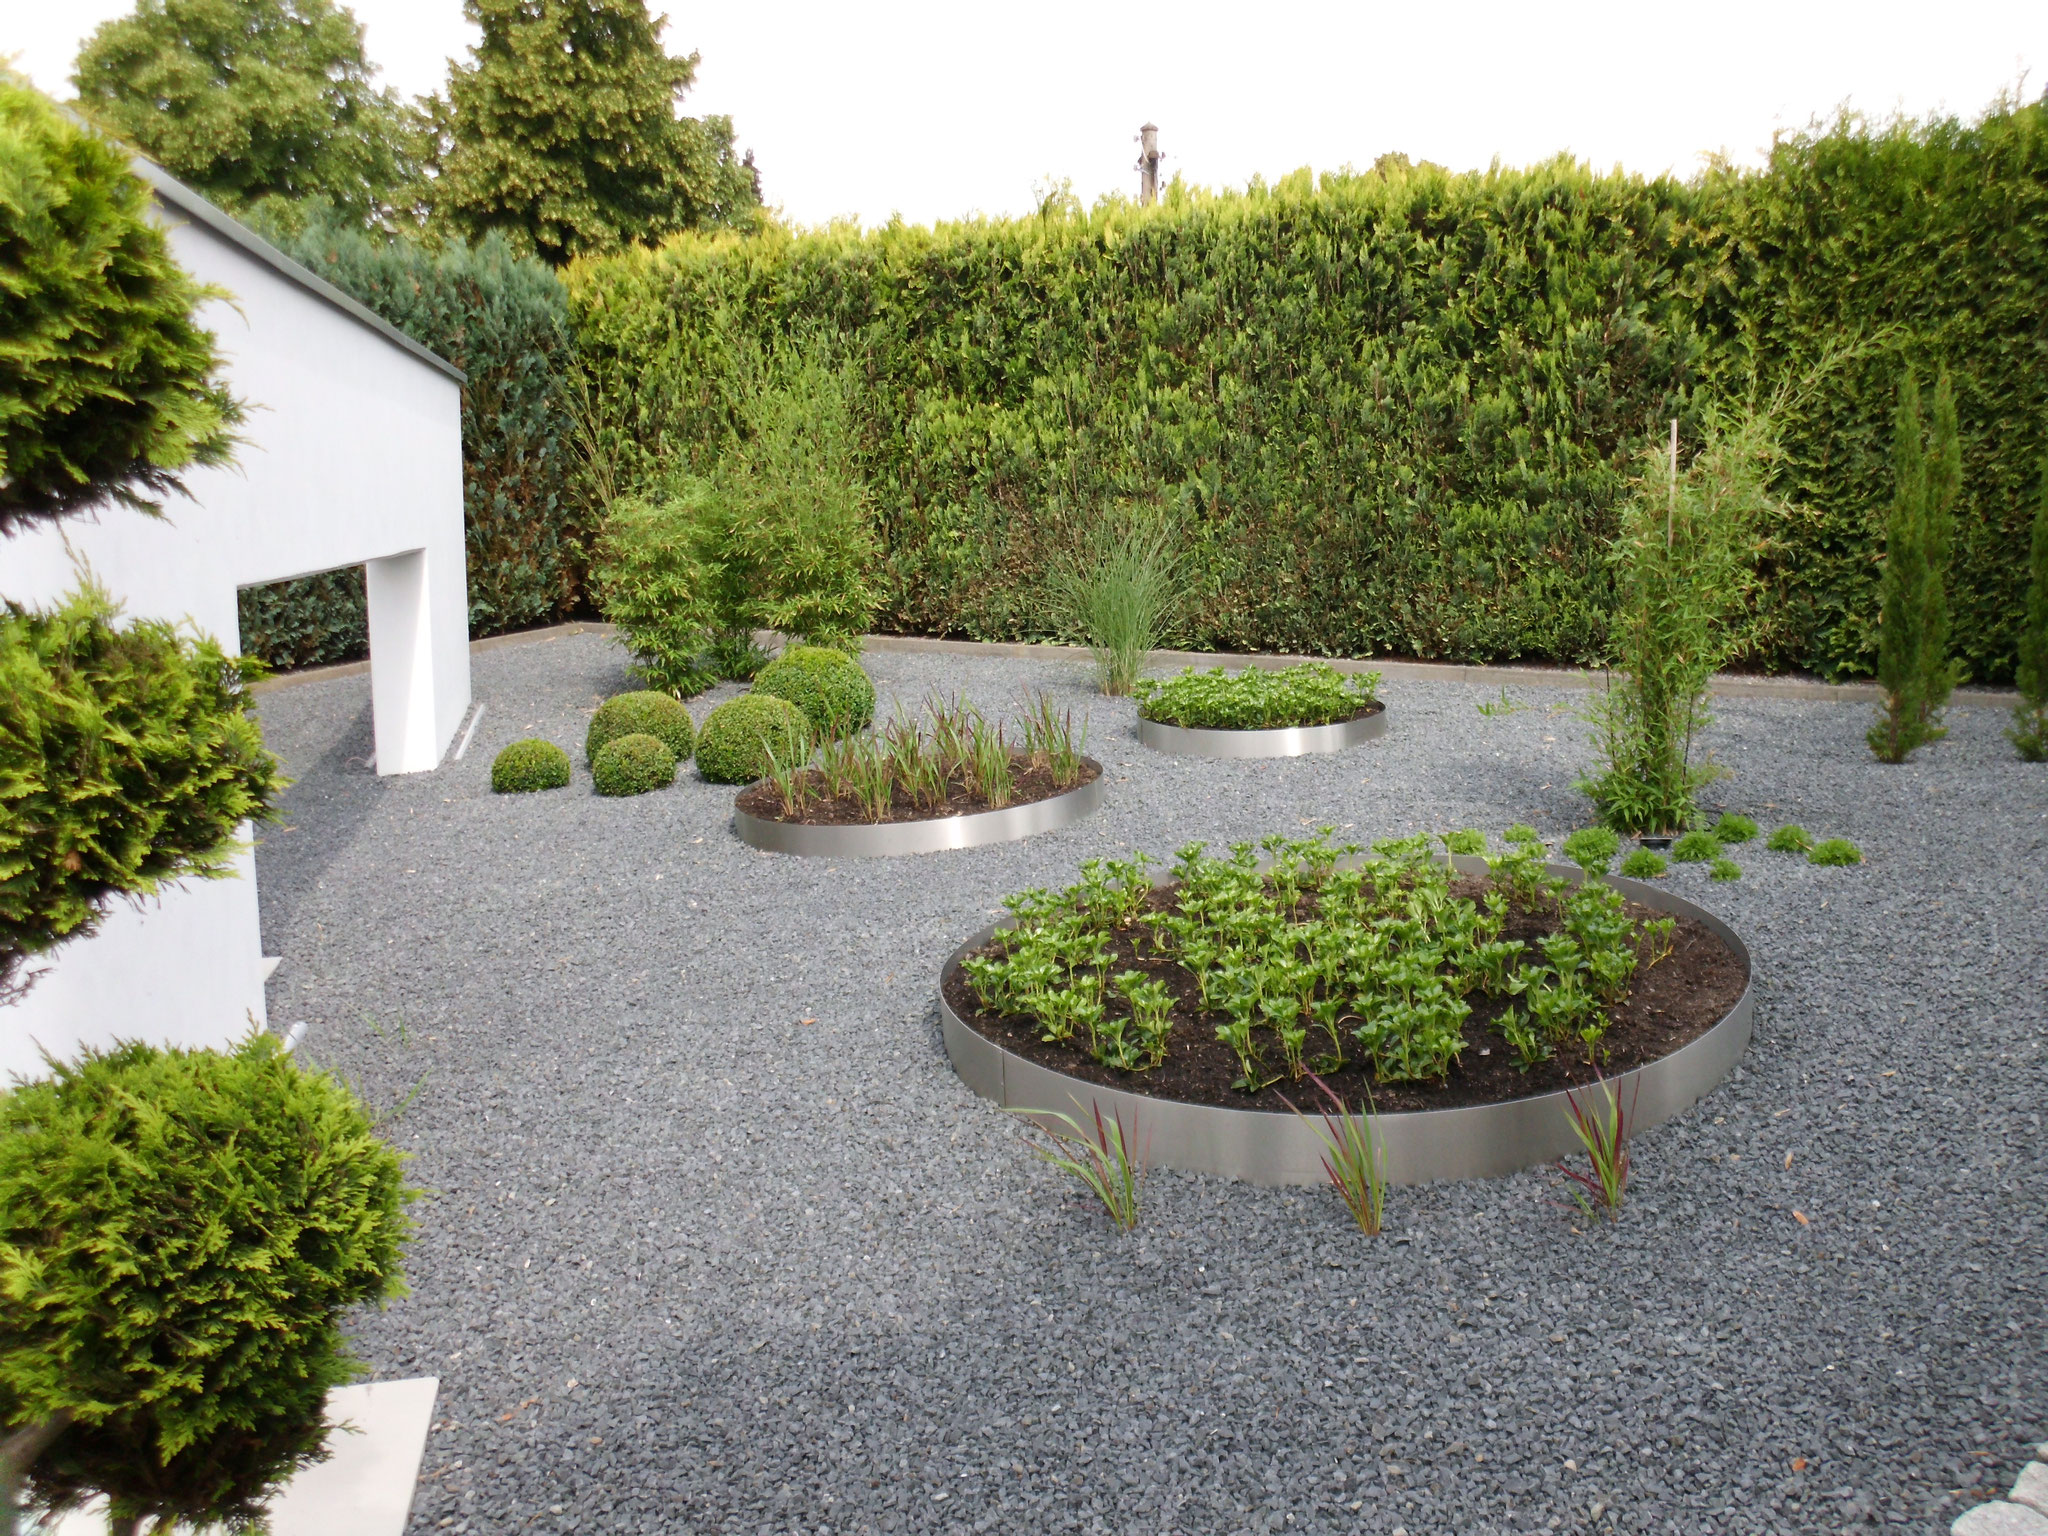 Kies- und Splittgarten 12